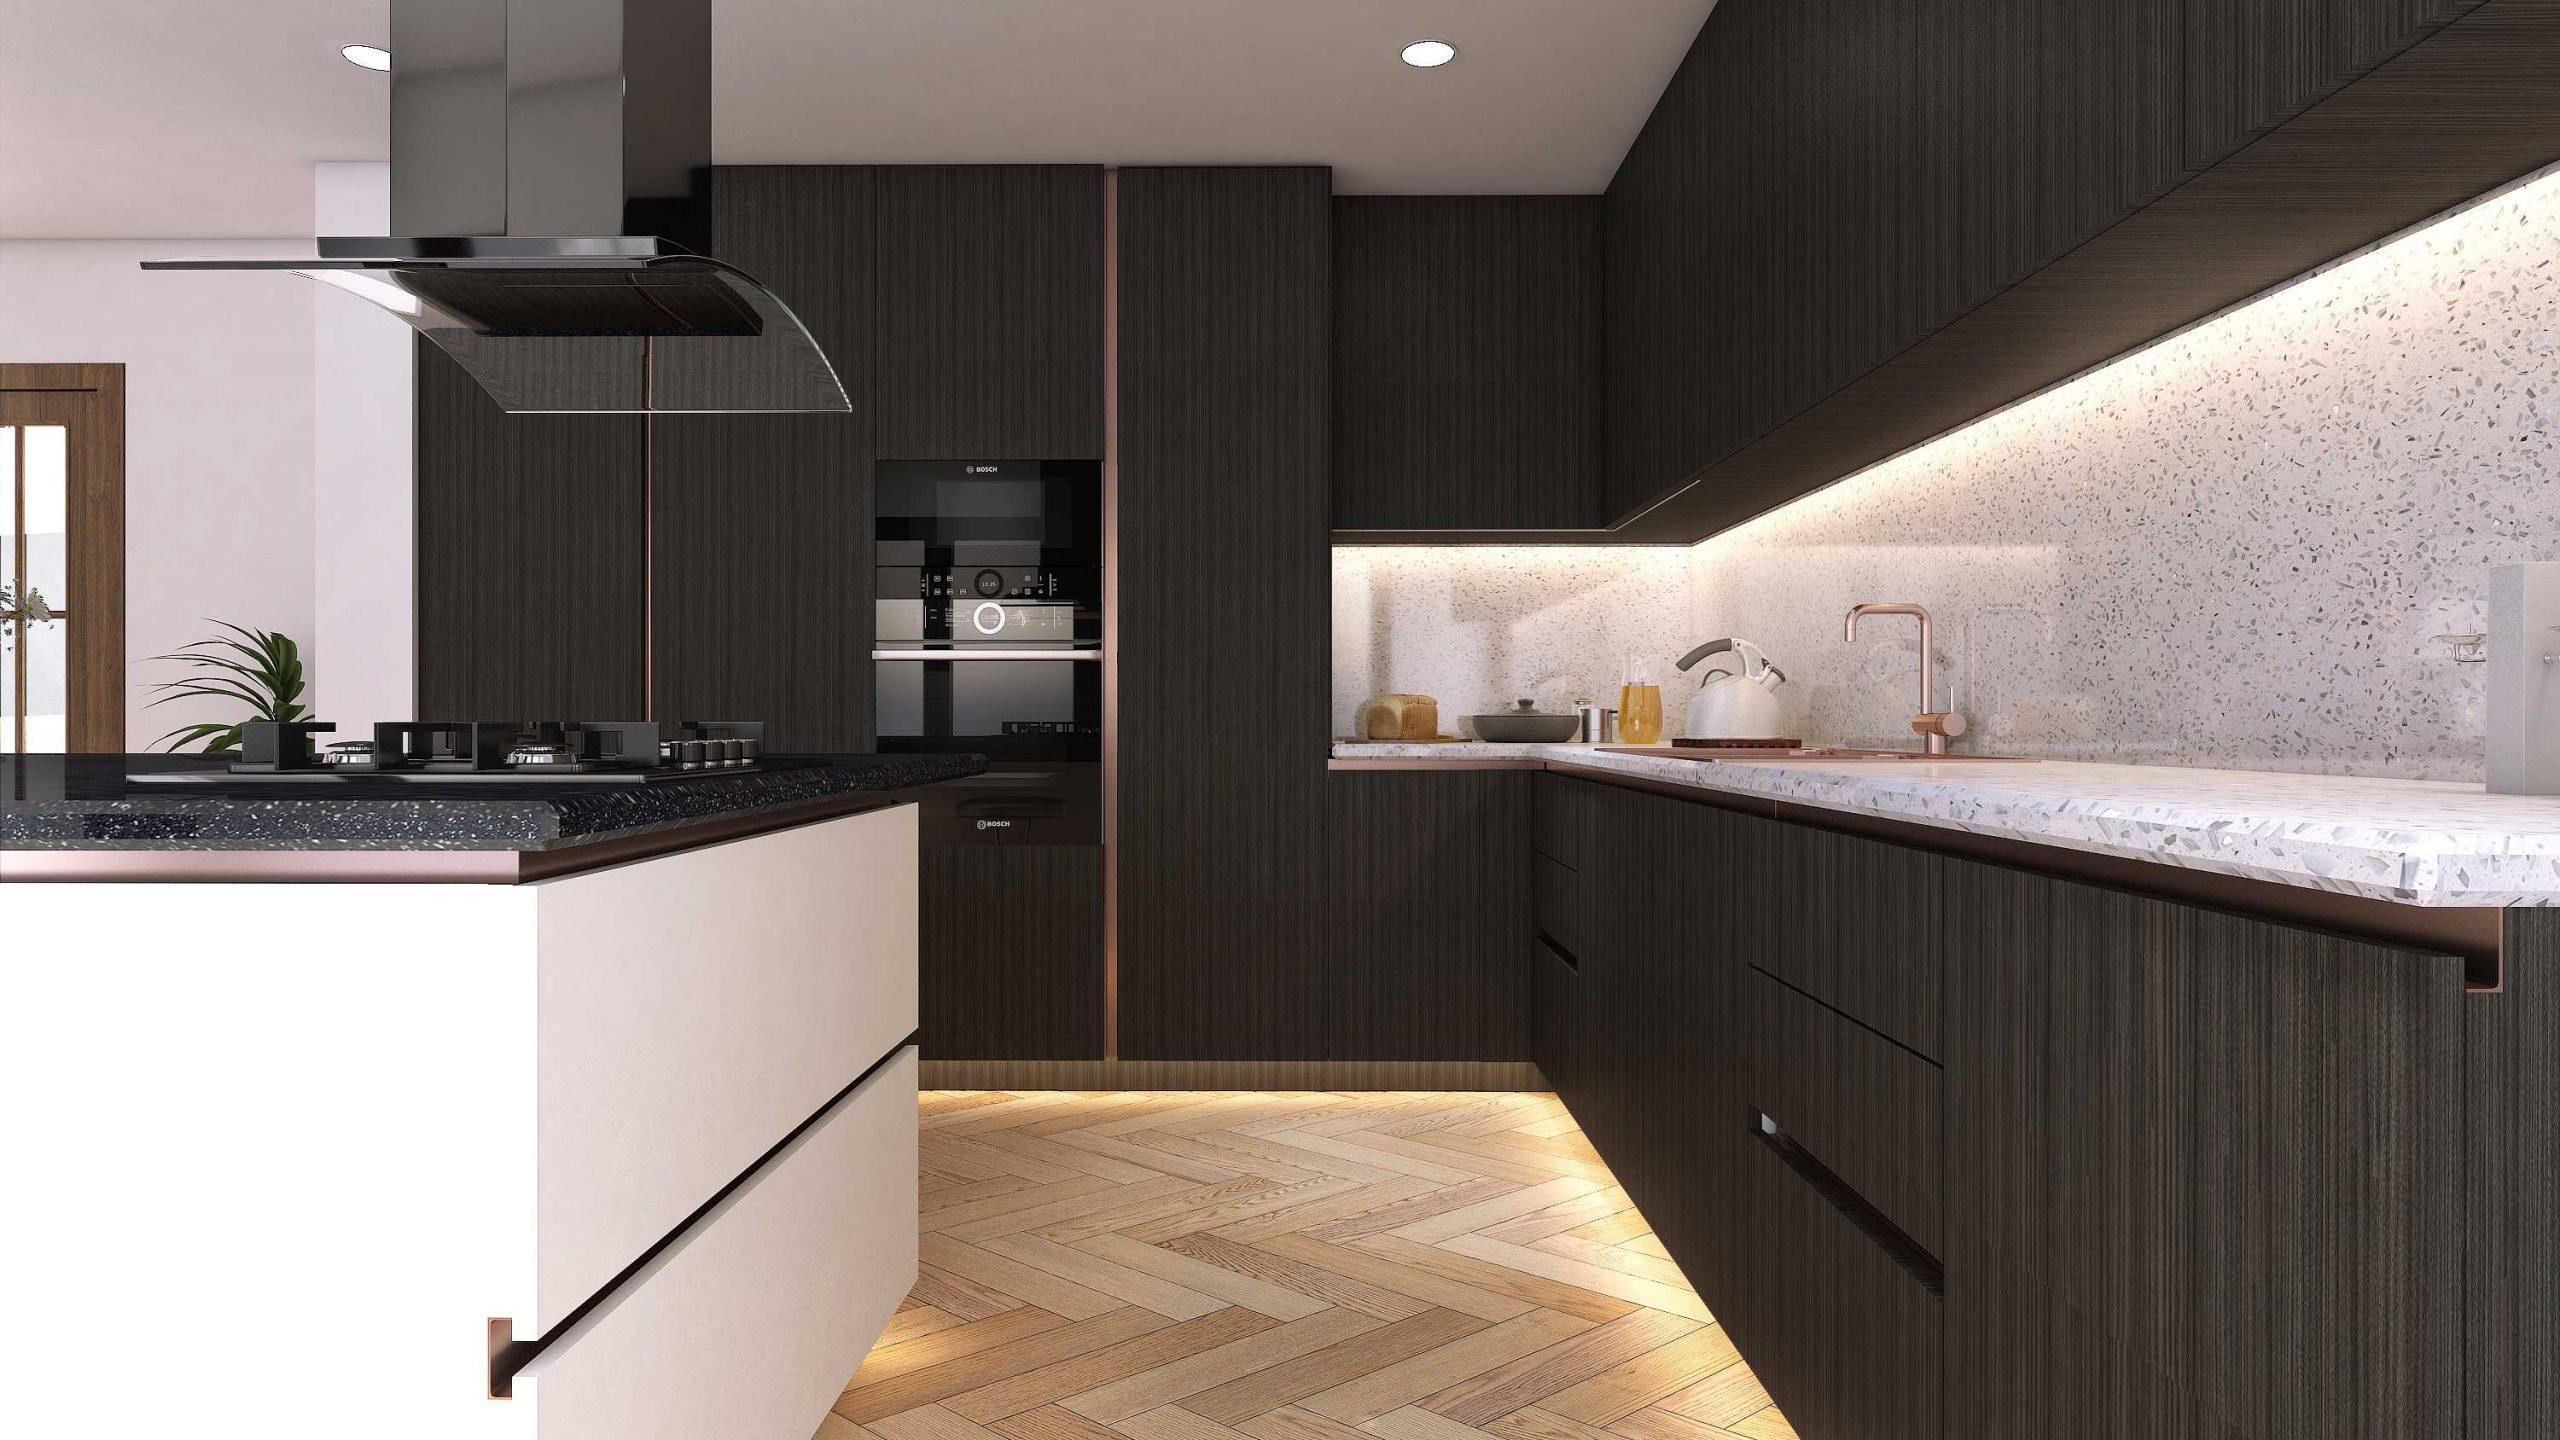 watford kitchen